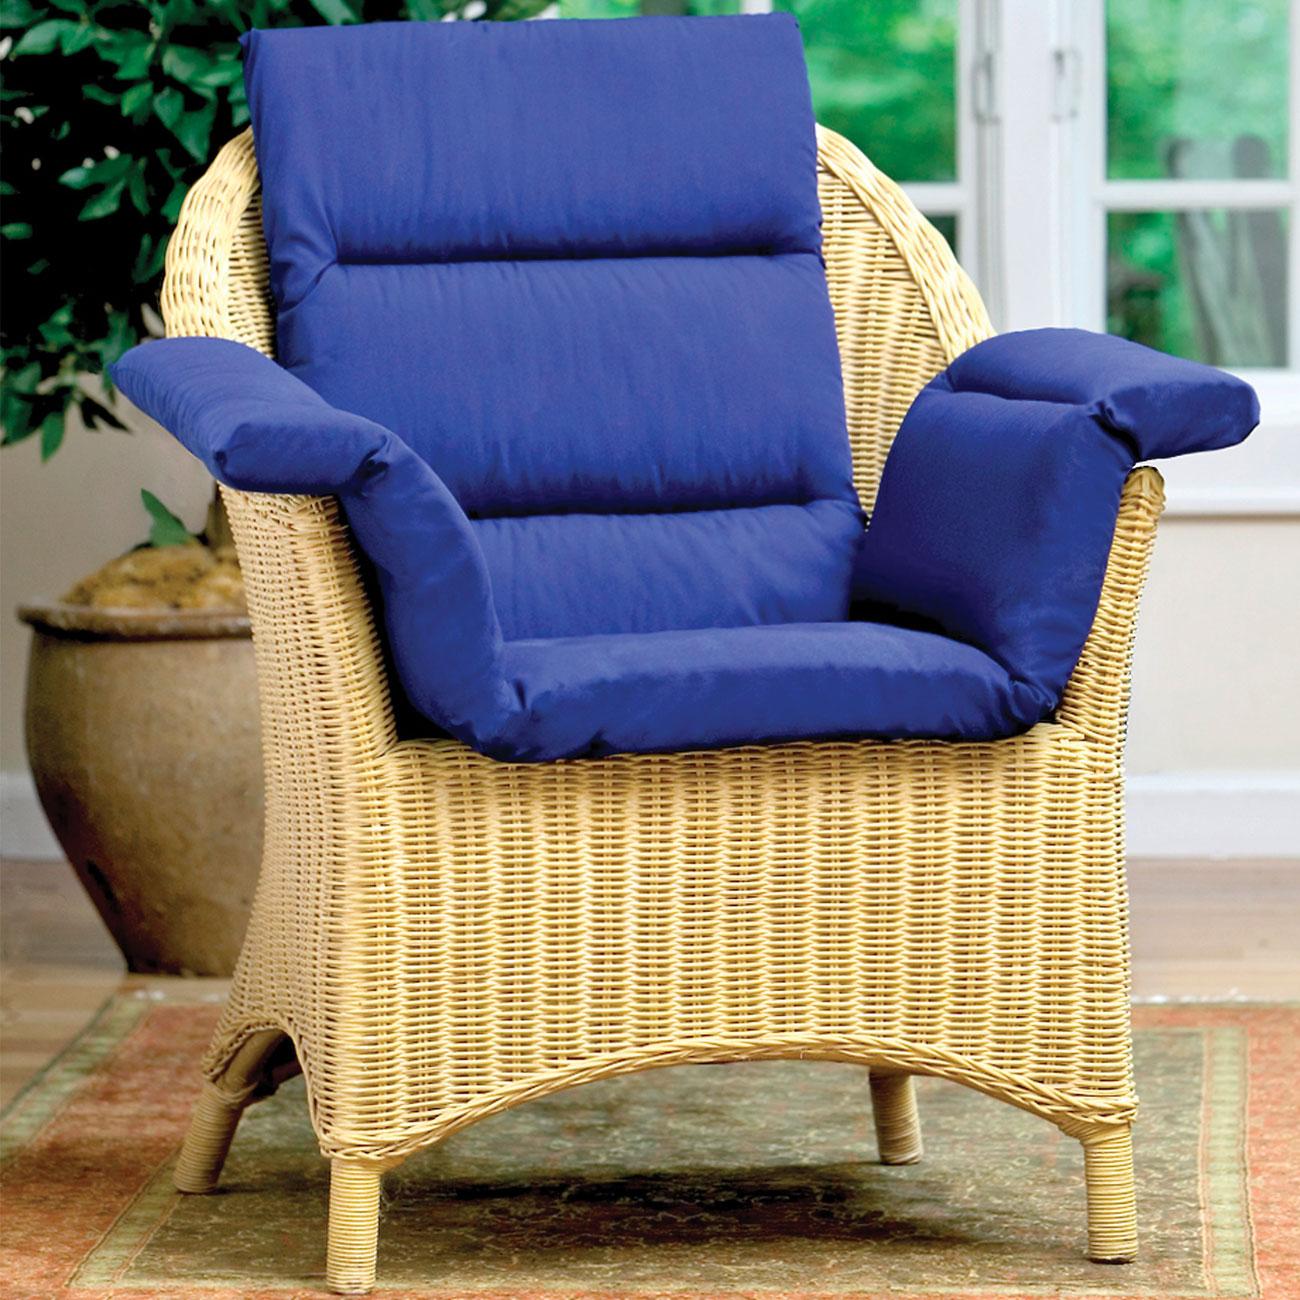 Total Chair Cushion - Blue